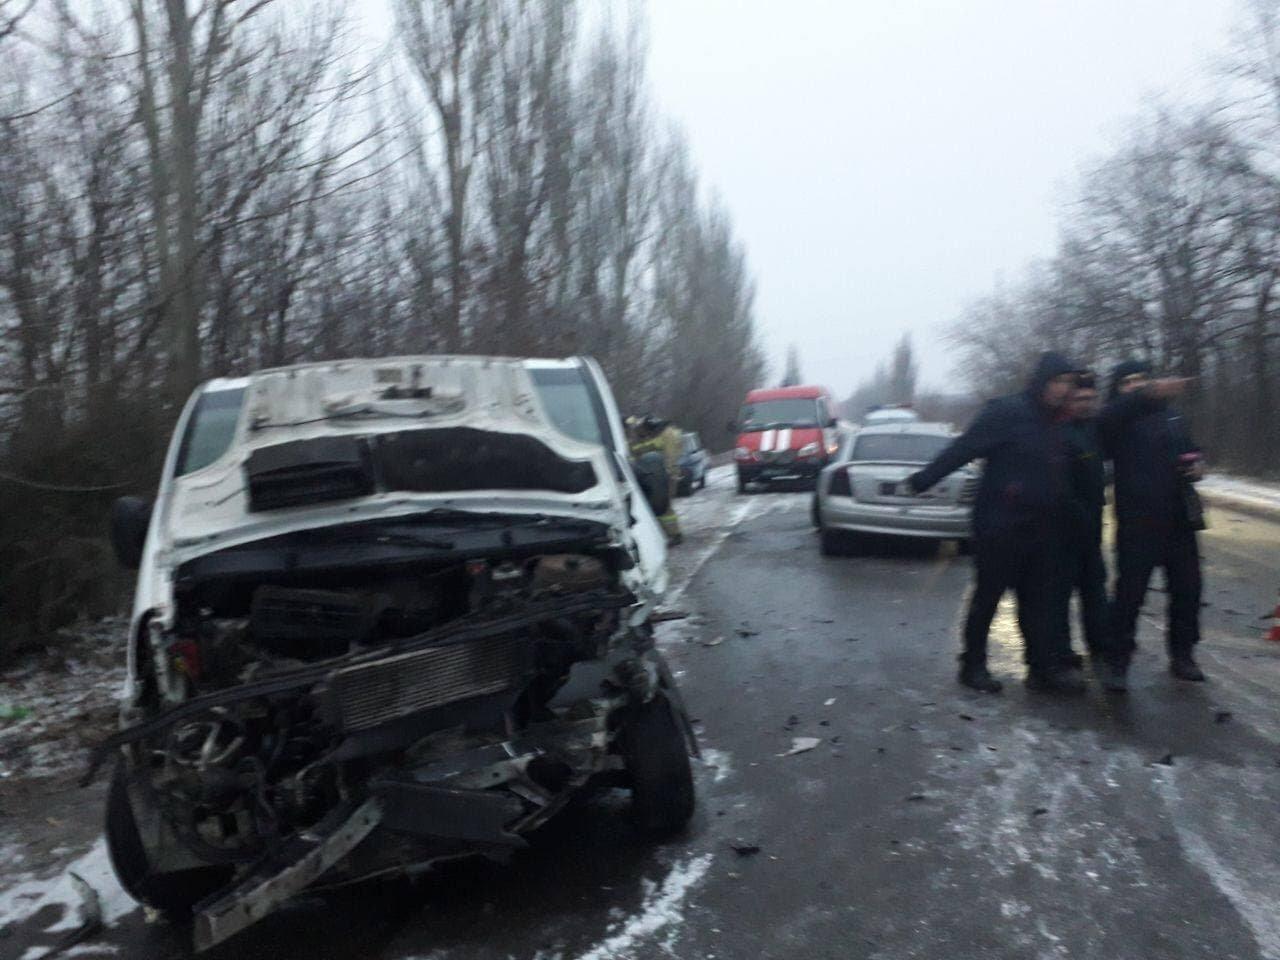 В Макеевке произошло лобовое столкновение микроавтобуса и «Опеля»: пострадали шесть человек, - ФОТО, фото-3